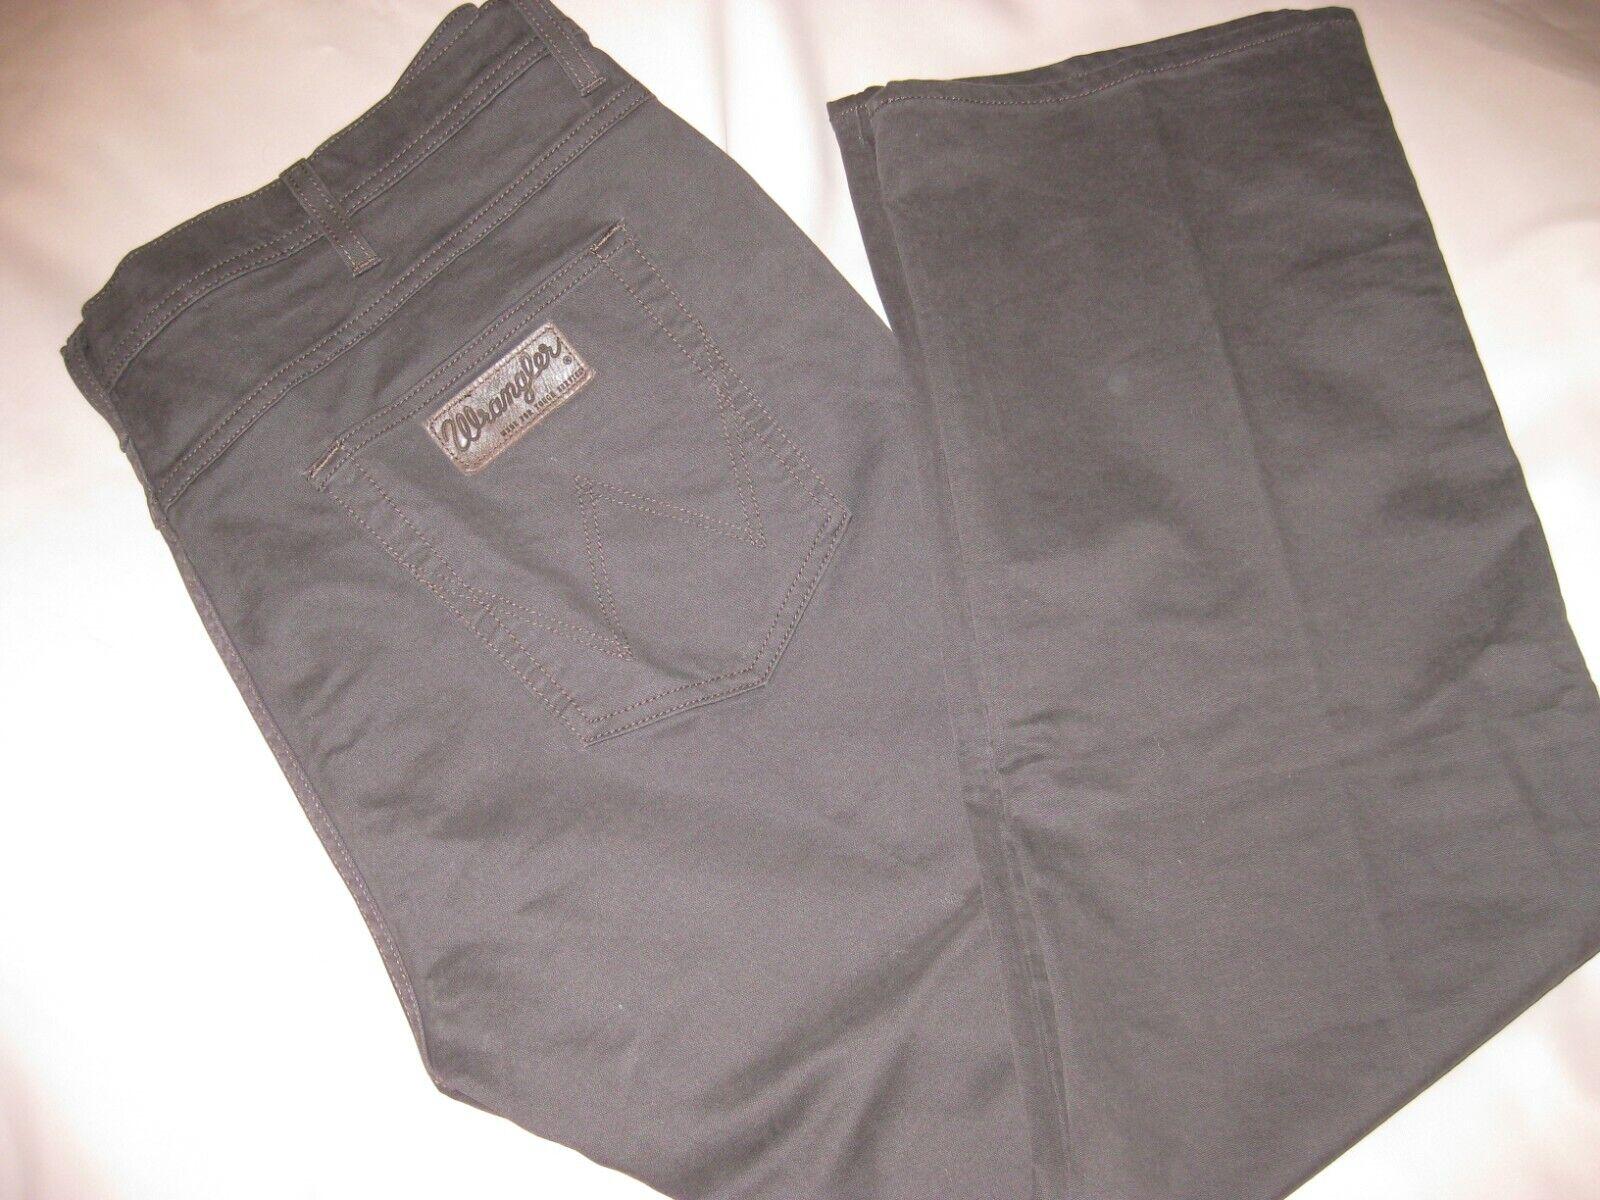 Wrangler Jeans Herren Modell Arizona Stretch W42/L32 ungetragen heuwertig braun